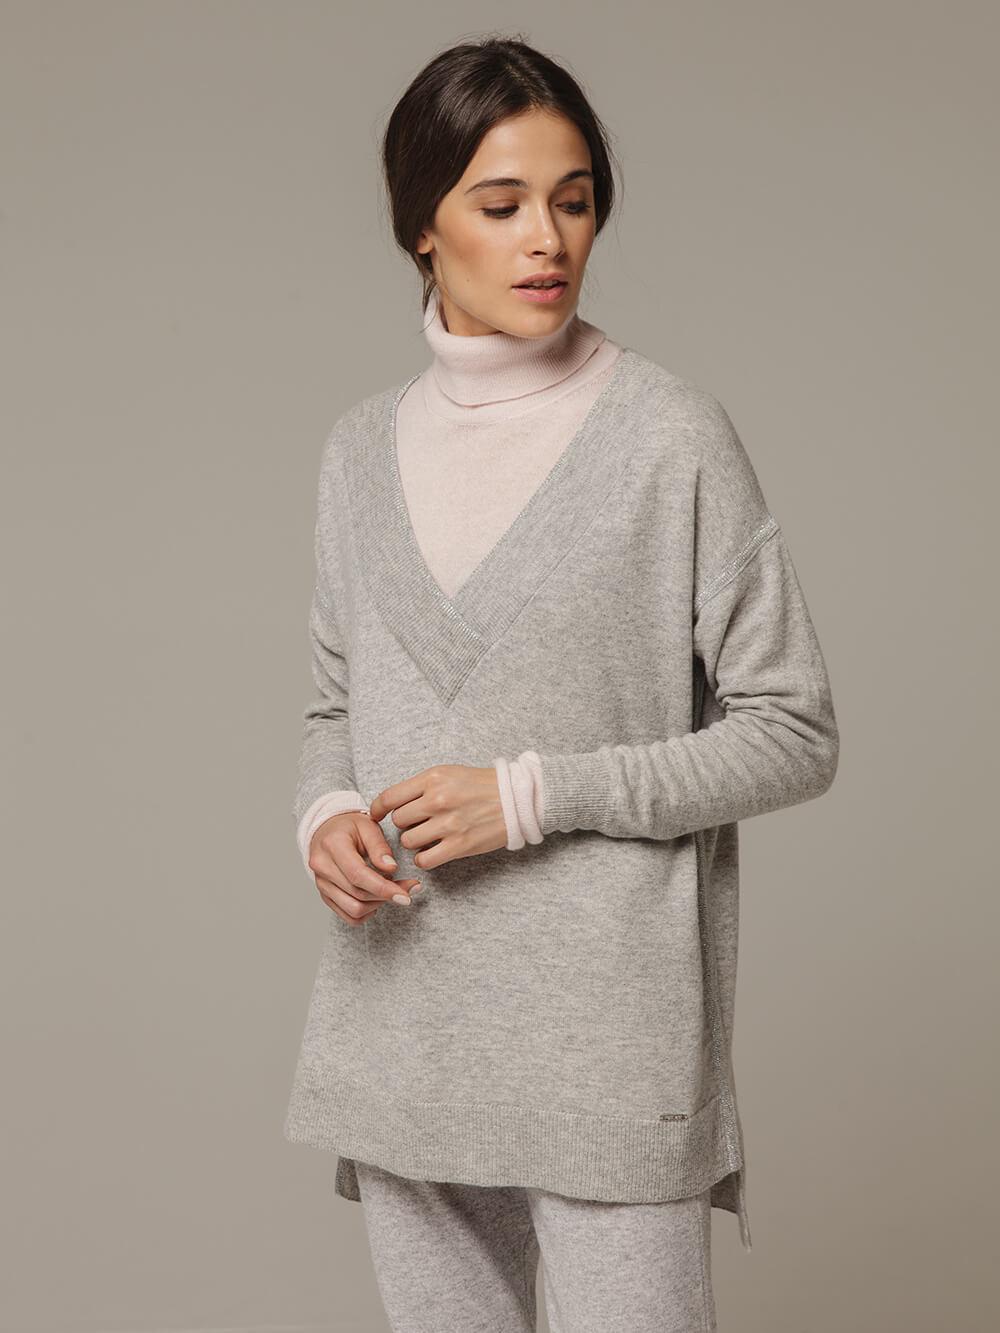 Женский серый джемпер с V-образным вырезом из 100% кашемира - фото 1